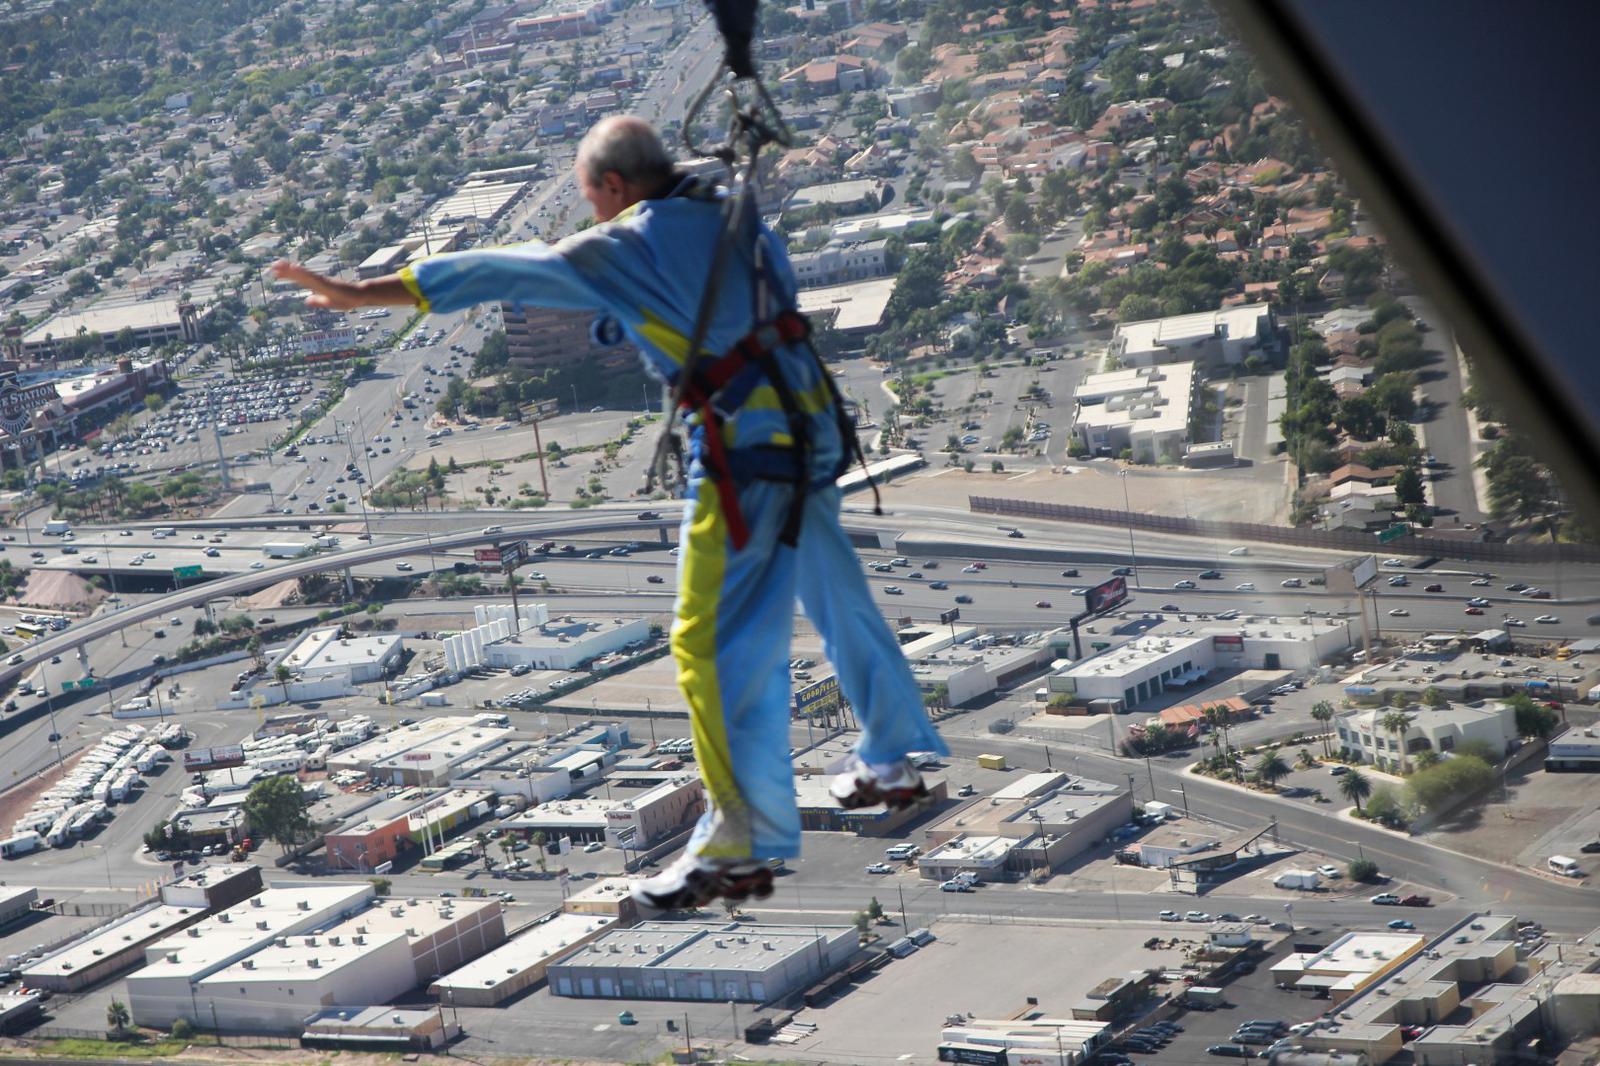 Vegas stunt school